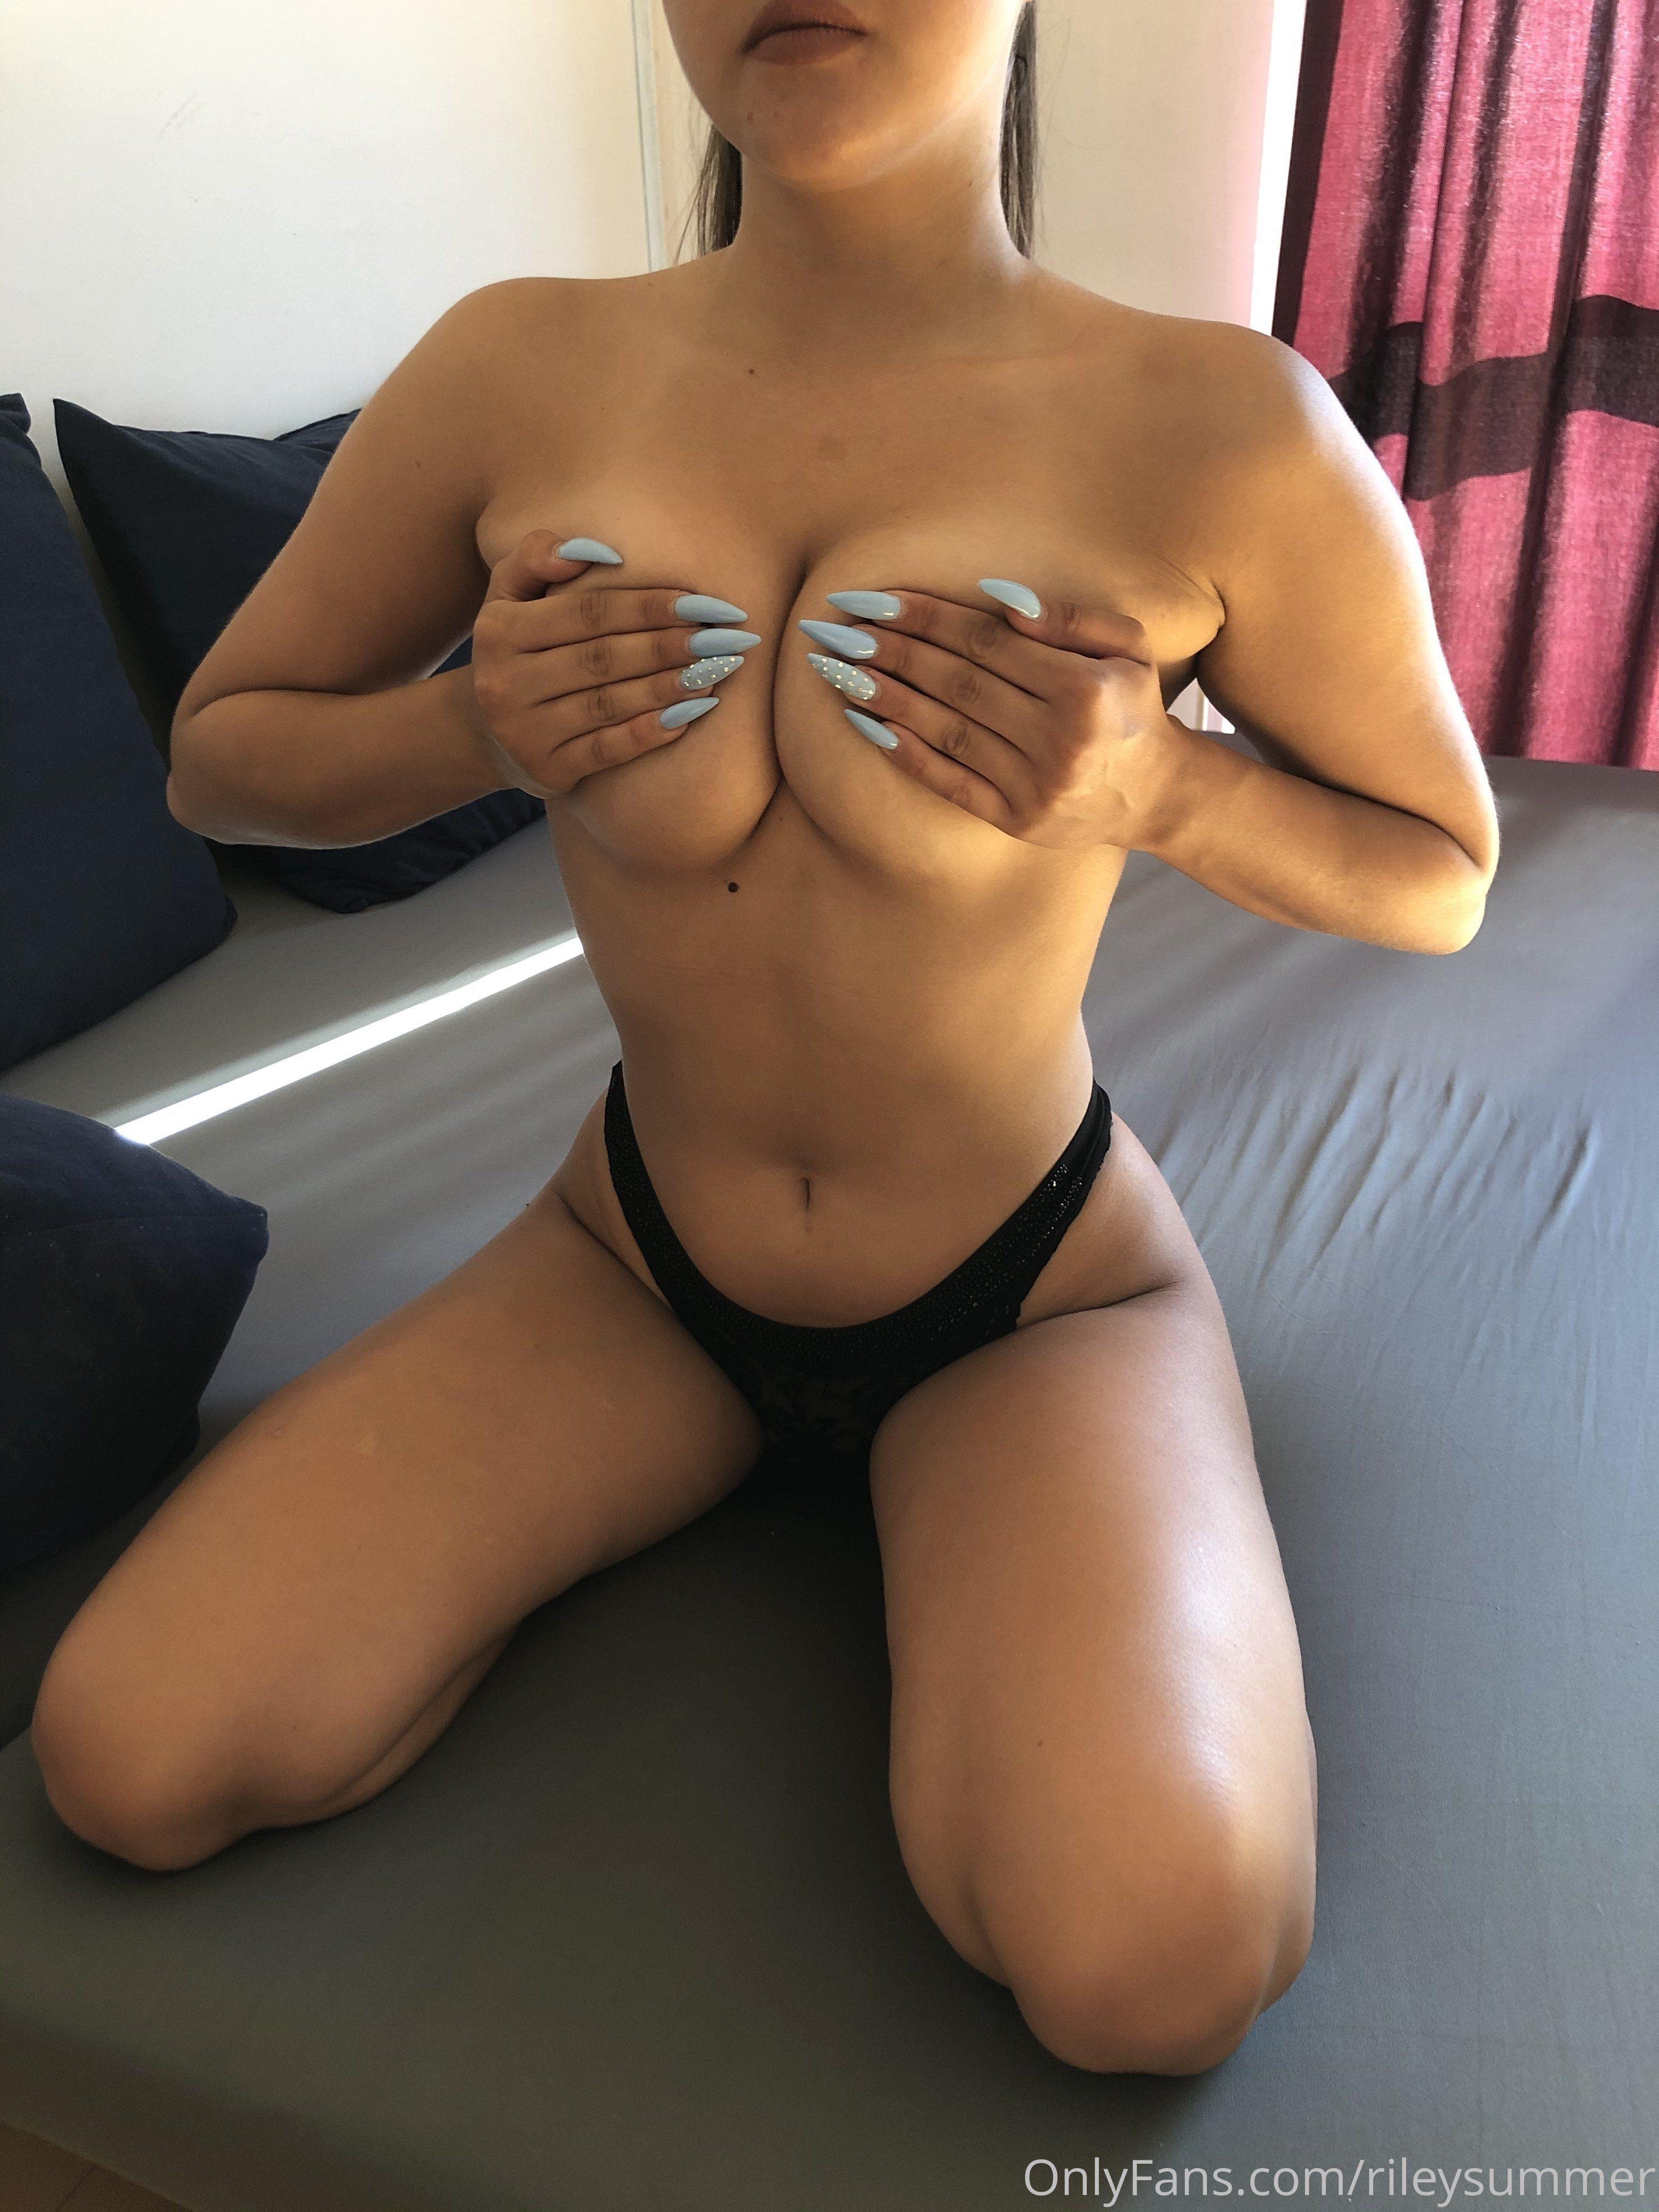 Rileysummer Nude Onlyfans Leaked 0035